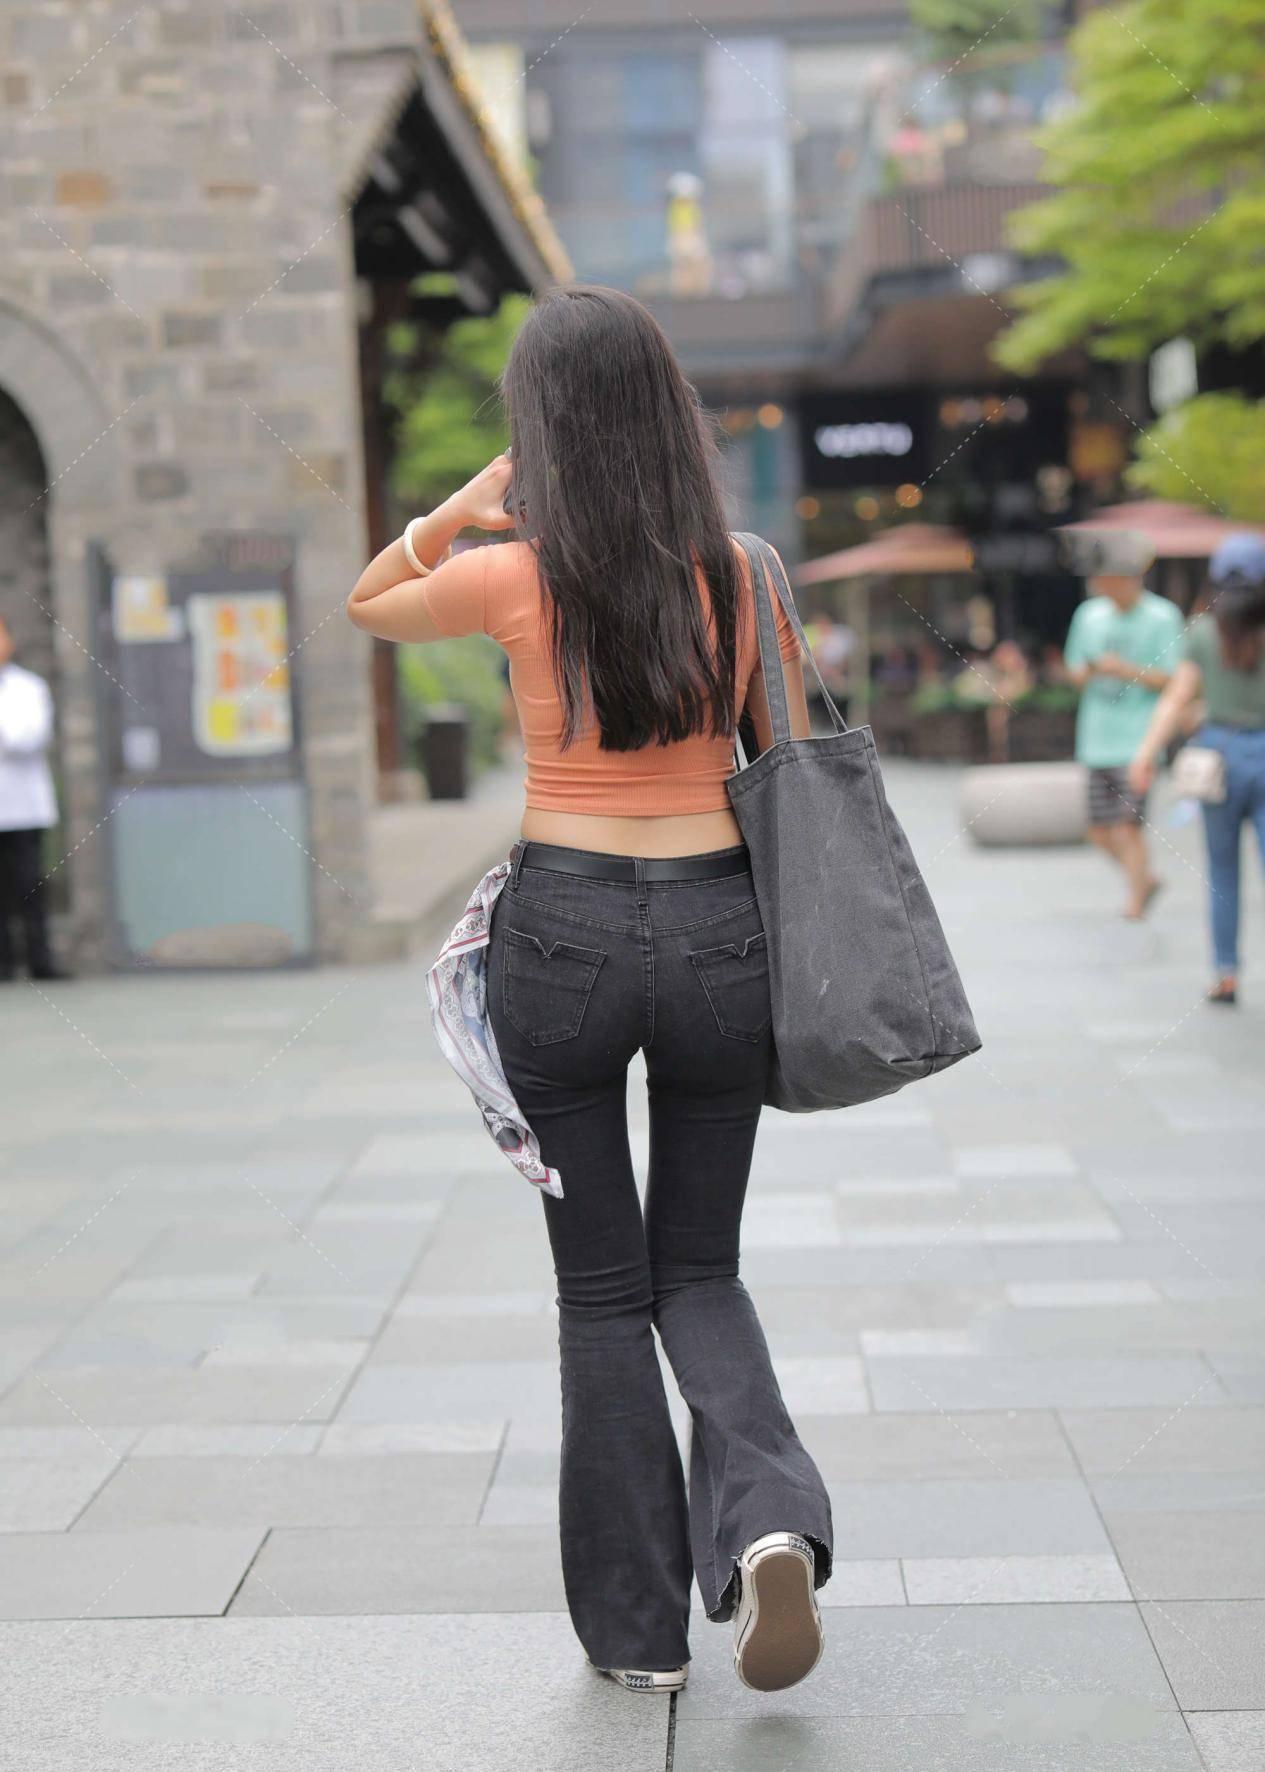 橘黃色短款上衣,青春亮麗,搭配高腰褲,顯高又顯瘦